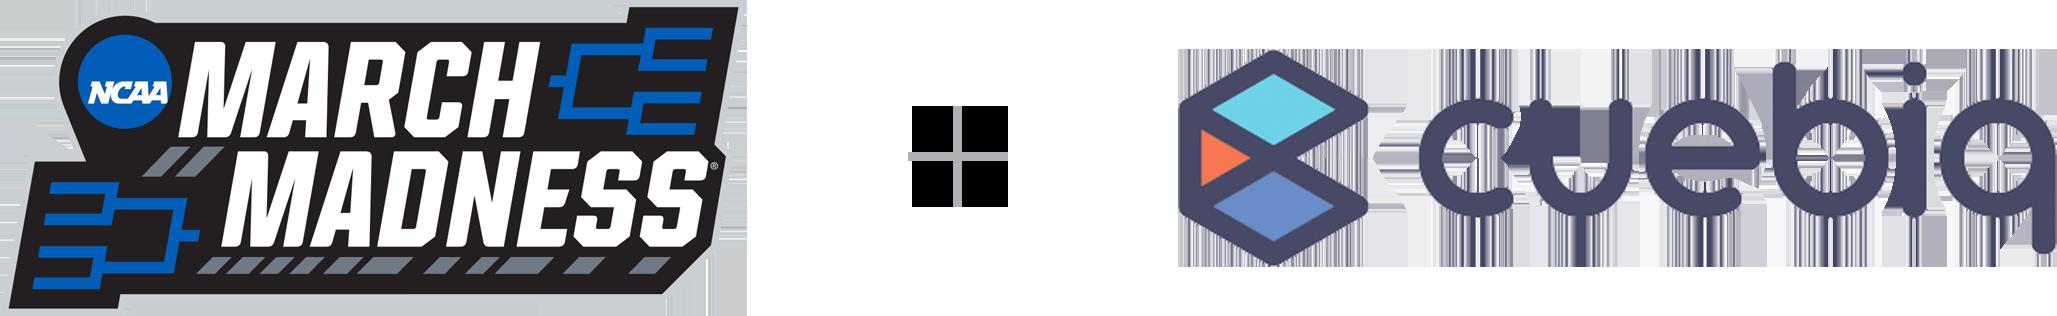 March Madness logo and Cuebiq logo